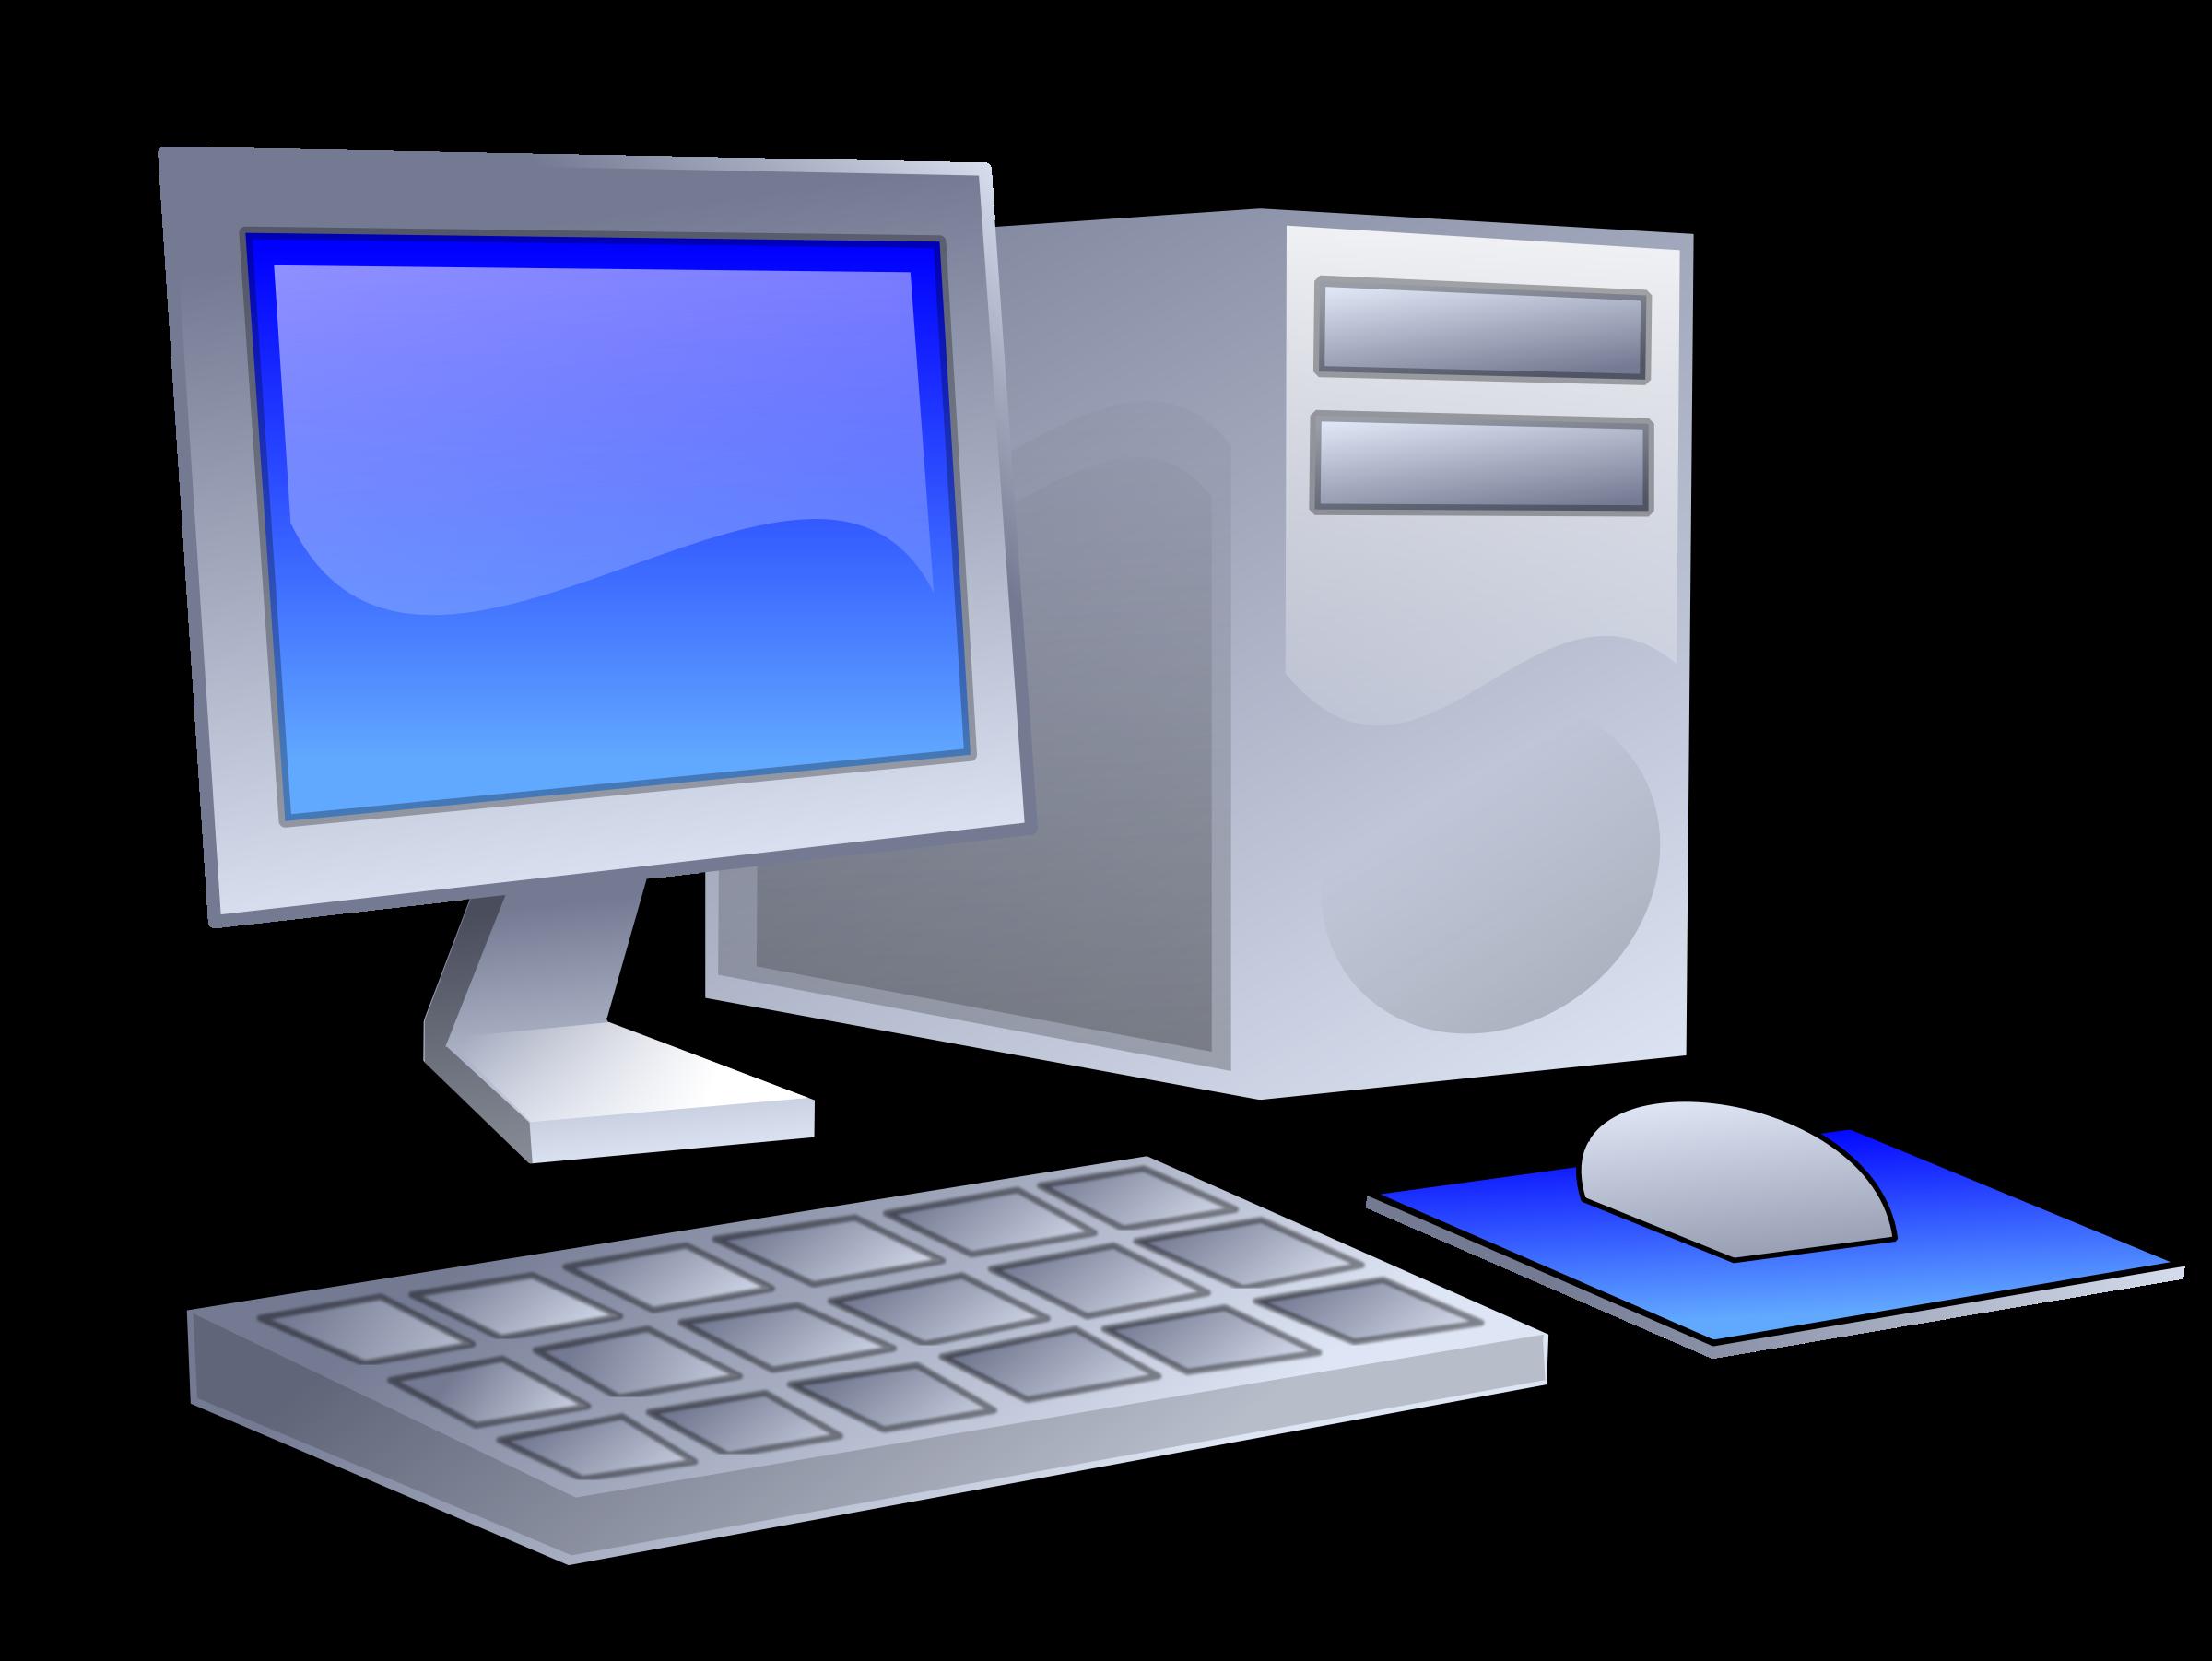 Computer Clip Art Free Download-Computer Clip Art Free Download-6